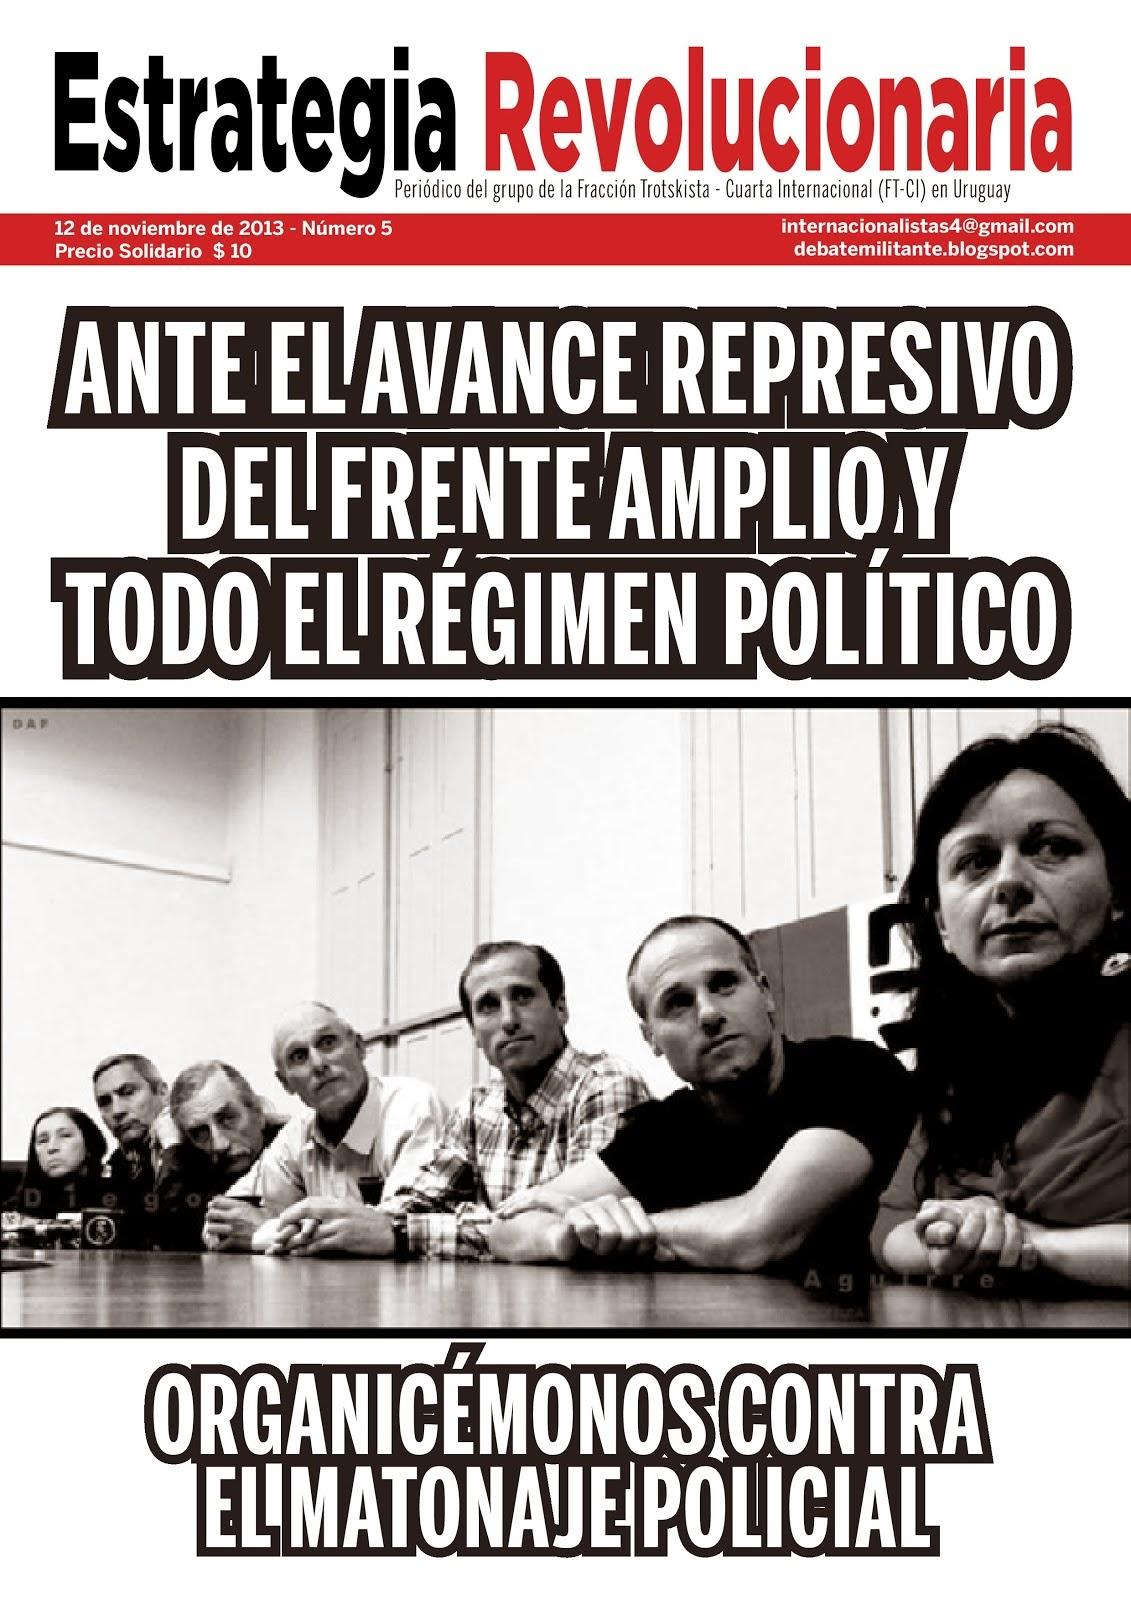 Periódico Estrategia Revolucionaria Nº5